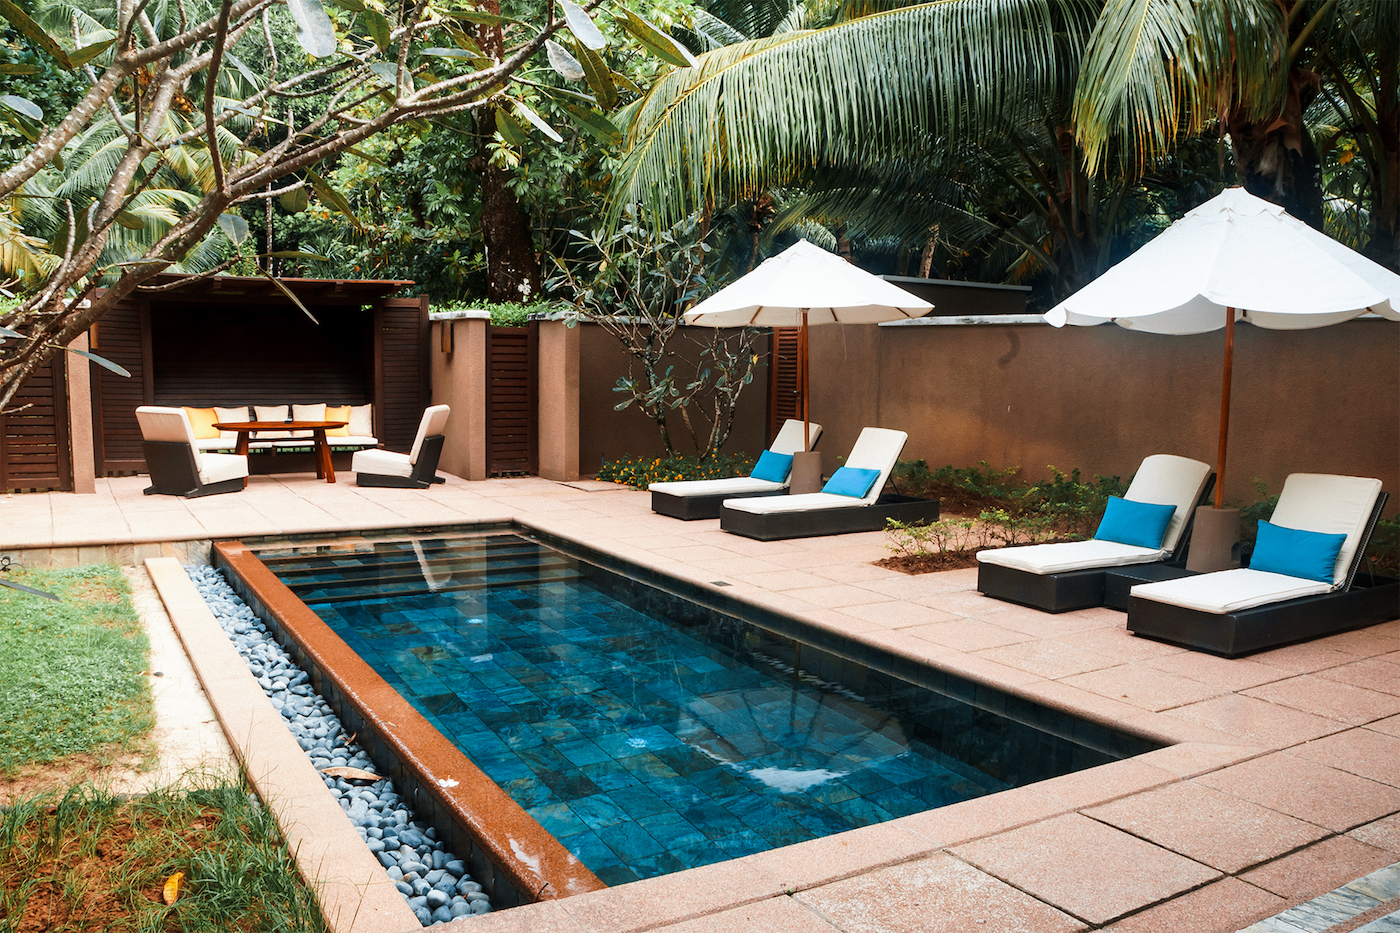 Traumurlaub im Constance Ephelia Hotel auf den Seychellen 4